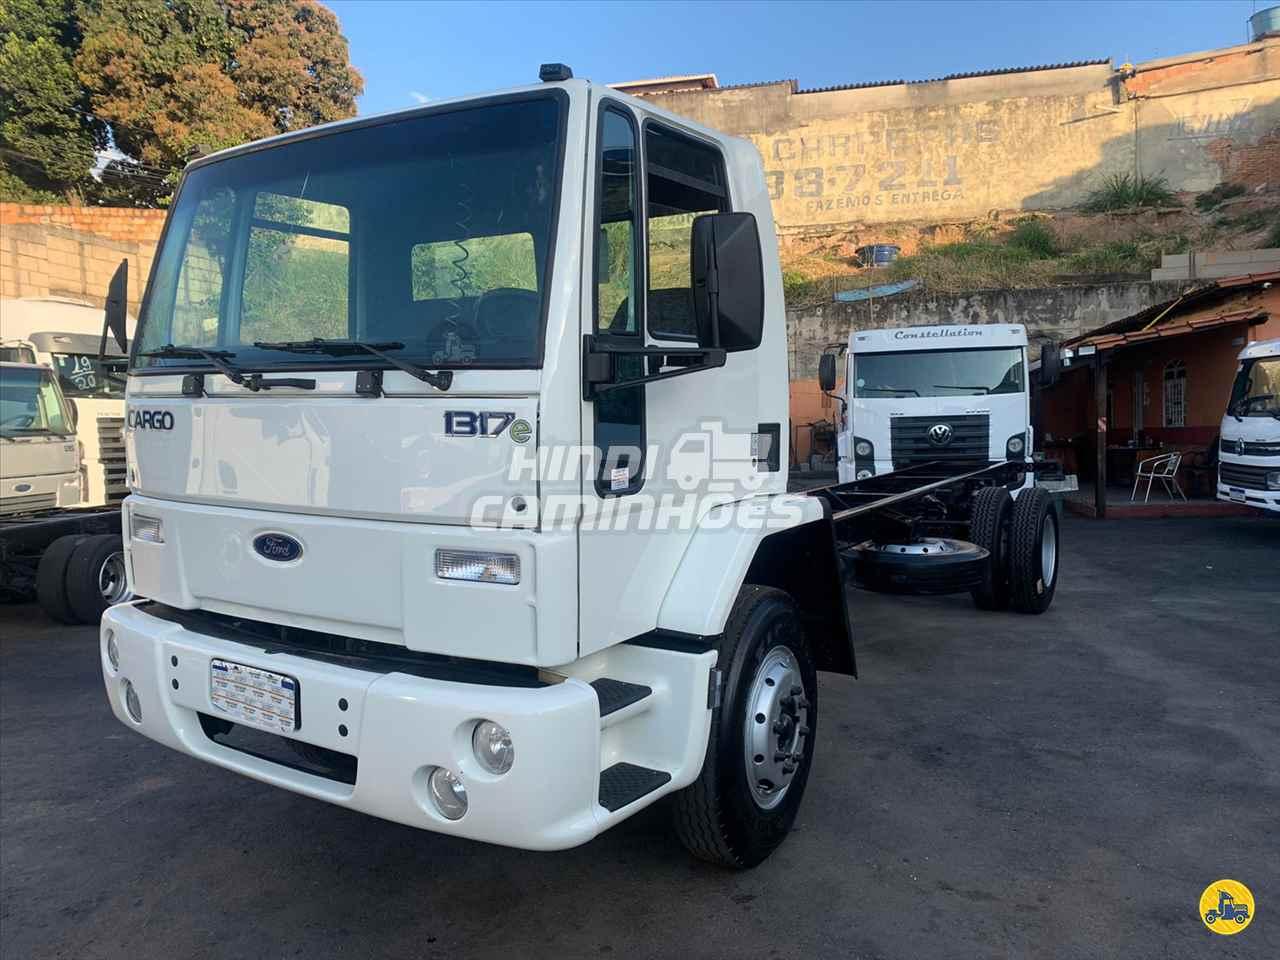 CARGO 1317 de Hindi Caminhões - CONTAGEM/MG